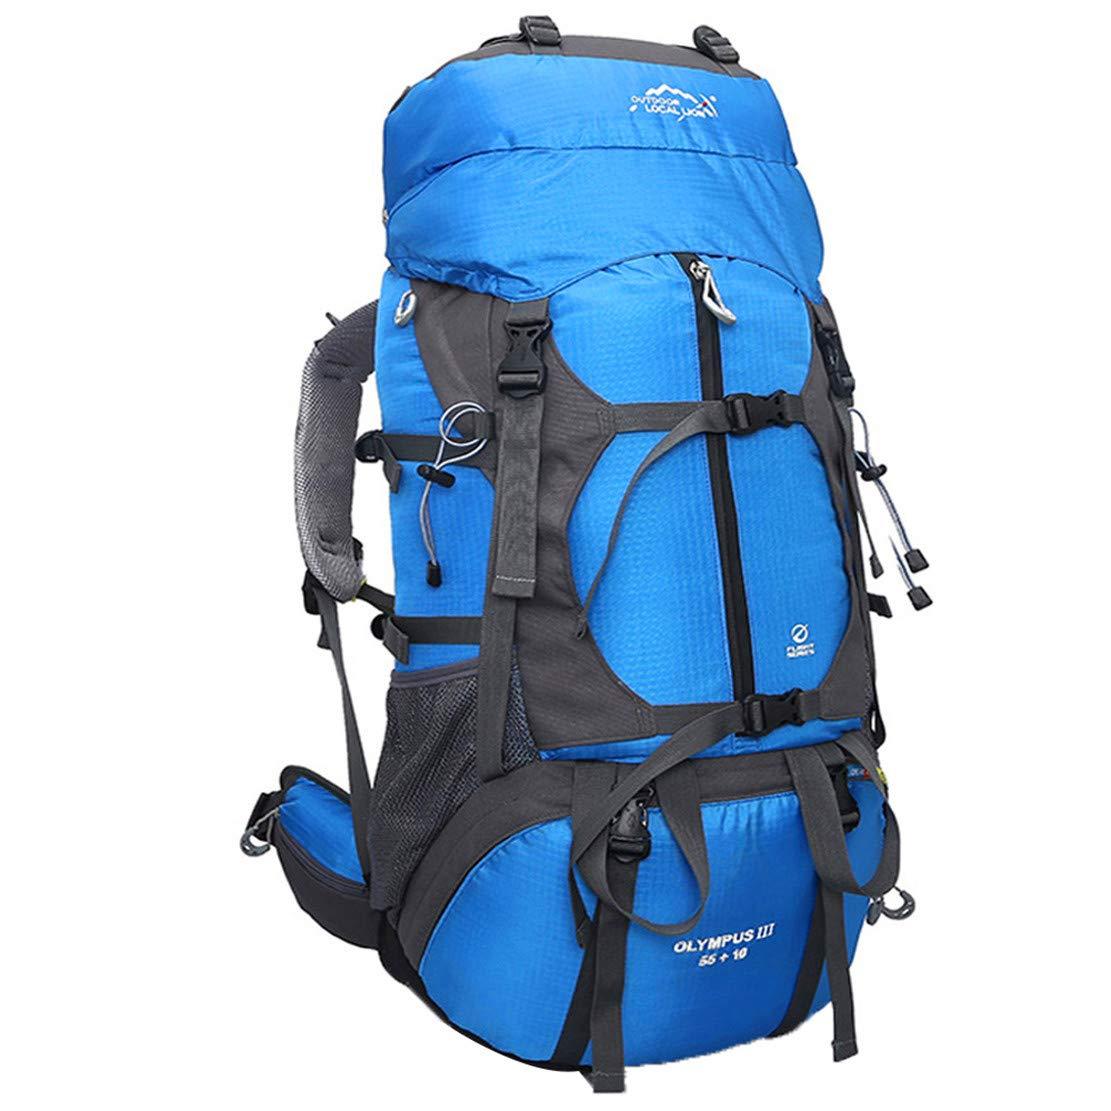 3a898d5254 Jasbo Zaino Sport Trekking Campeggio Montagna Zaini Zaini Zaini Outdoor 66L  Impermeabile Arrampicata Backpack Escursionismo Portatile Alpinismo Grande  Uomo ...